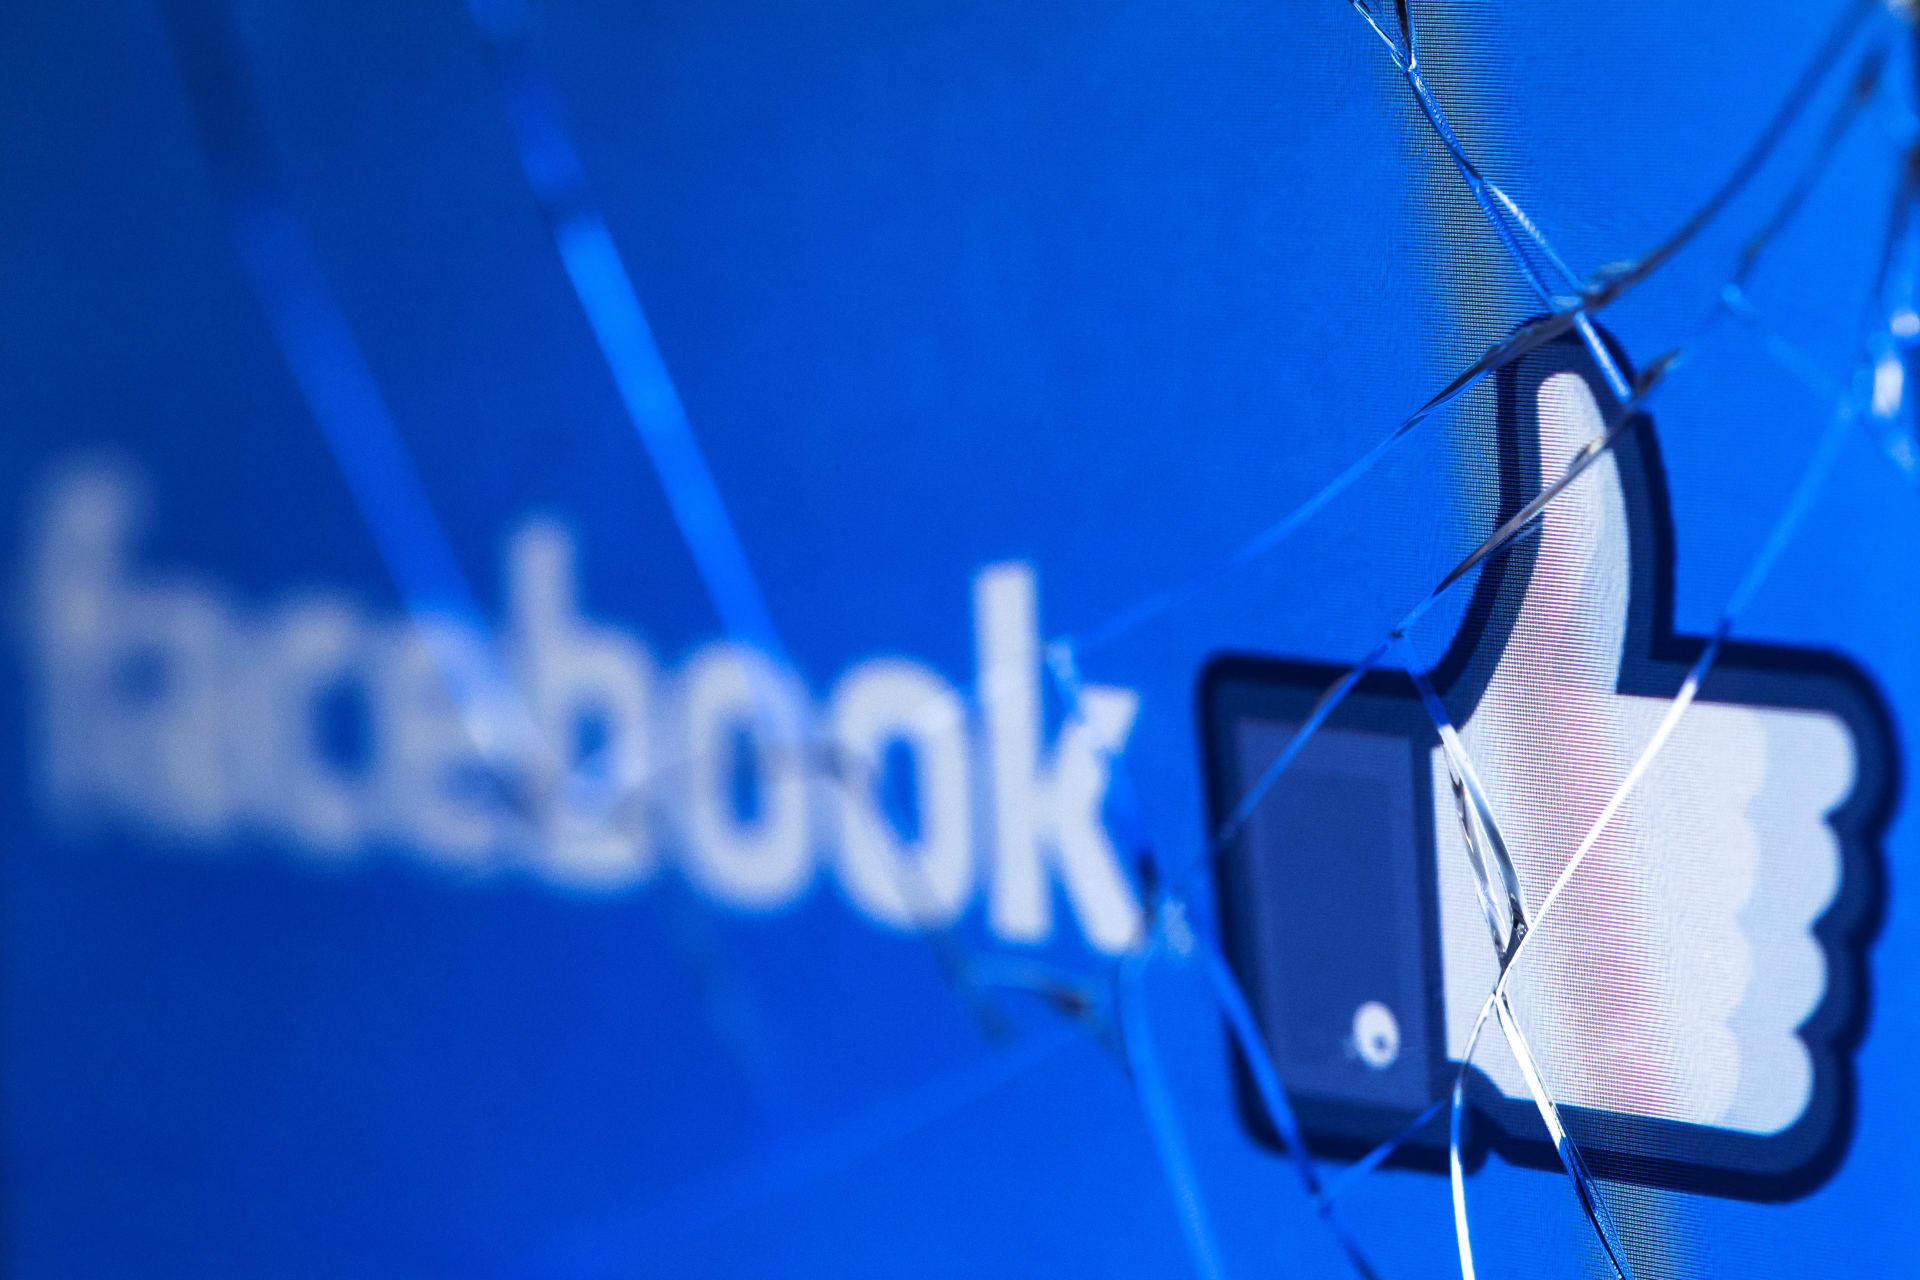 """فيسبوك تواجه غرامة مالية بسبب """"انتهاك الخصوصية"""" .. فما قيمتها؟"""